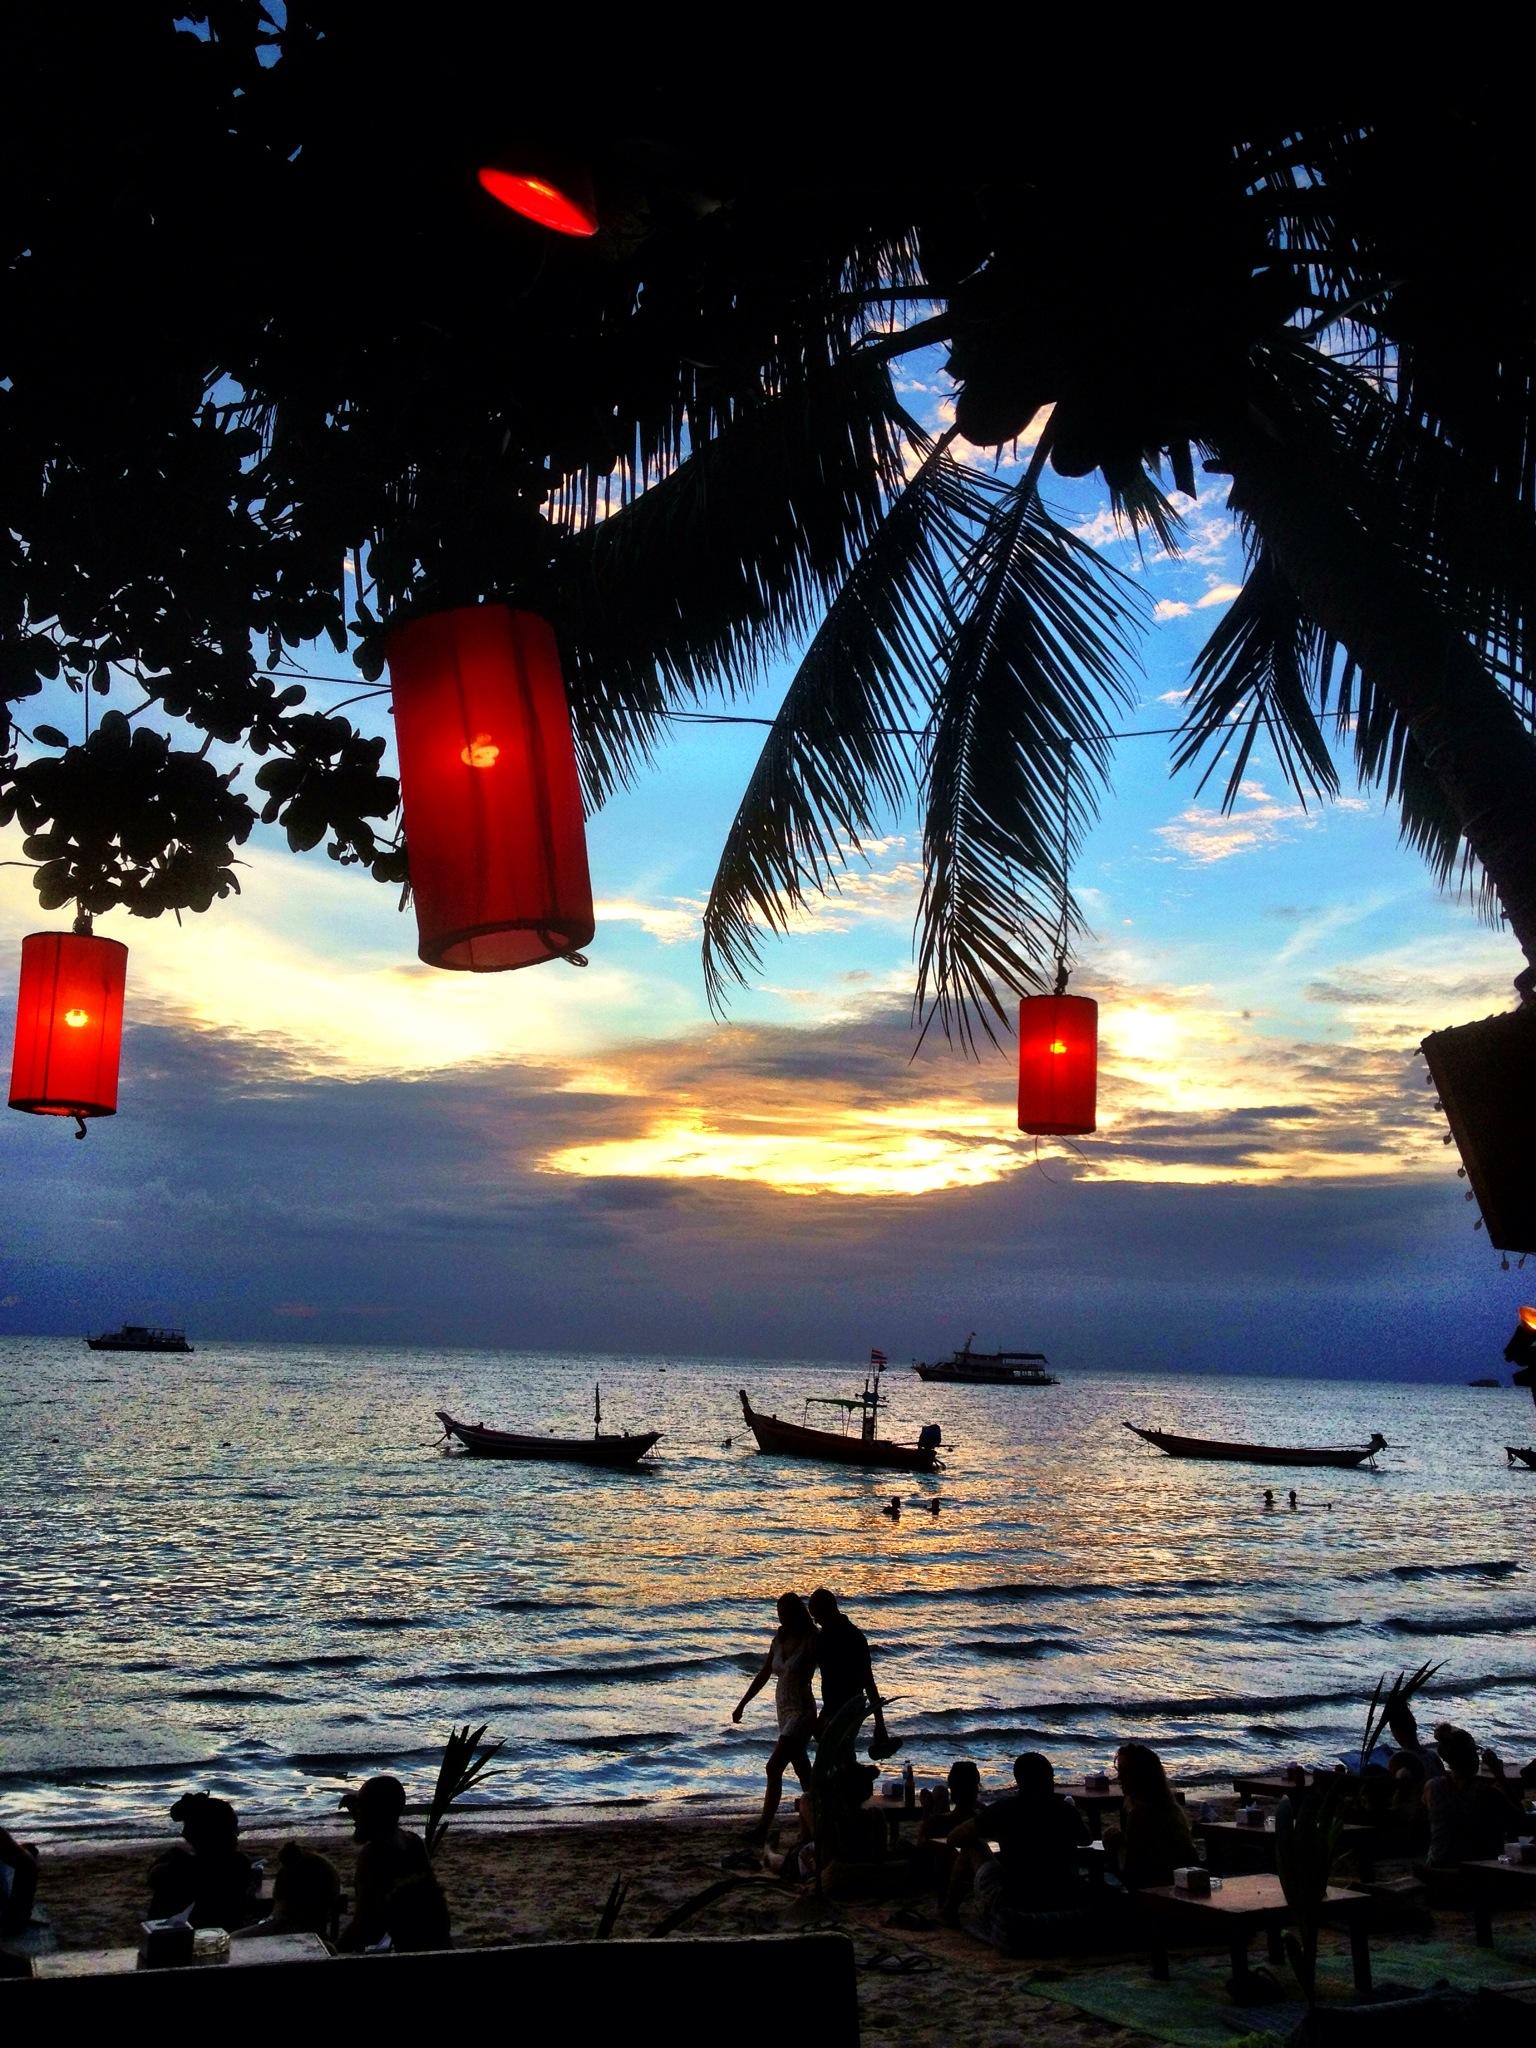 Koh Tao Sunset // 2013